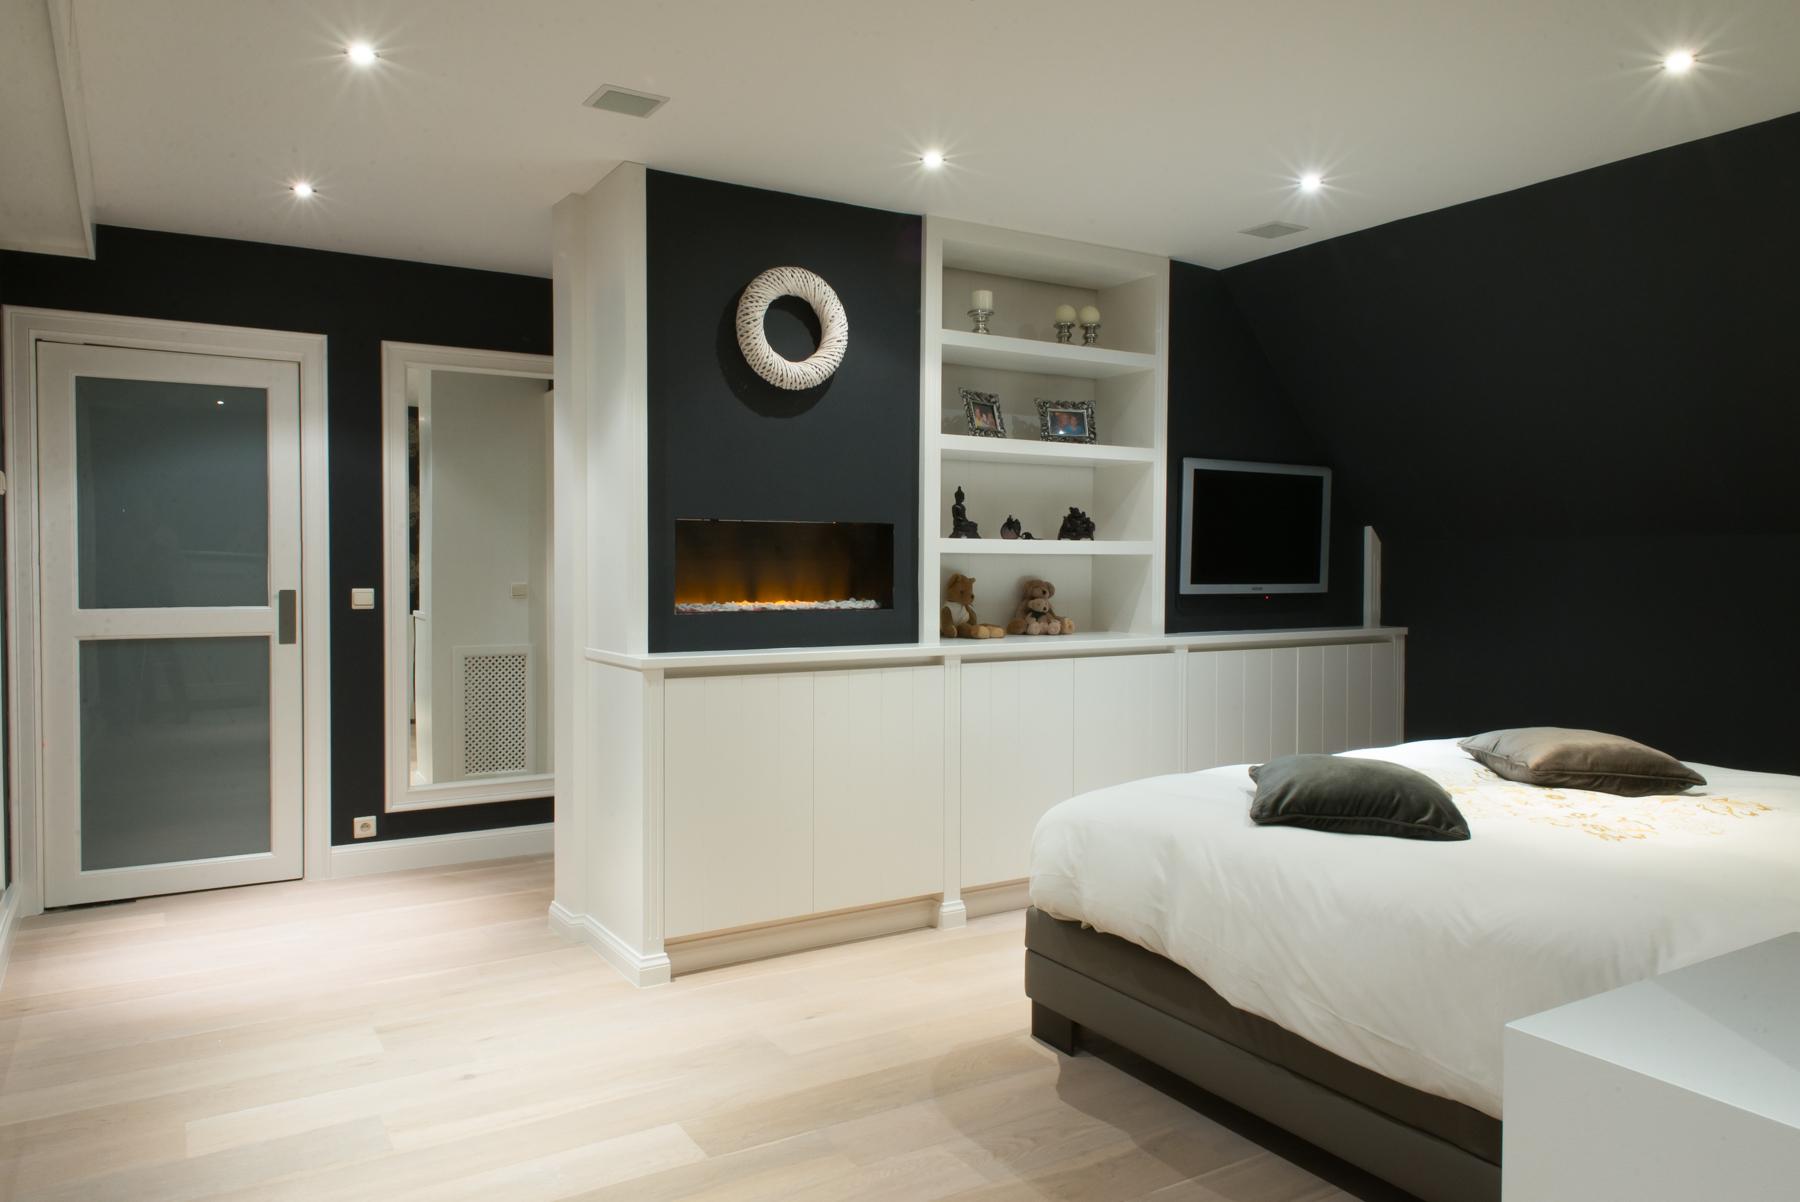 Slaapkamer Naturel Tinten : Op de slaapkamer naturel tinten zorgen ...